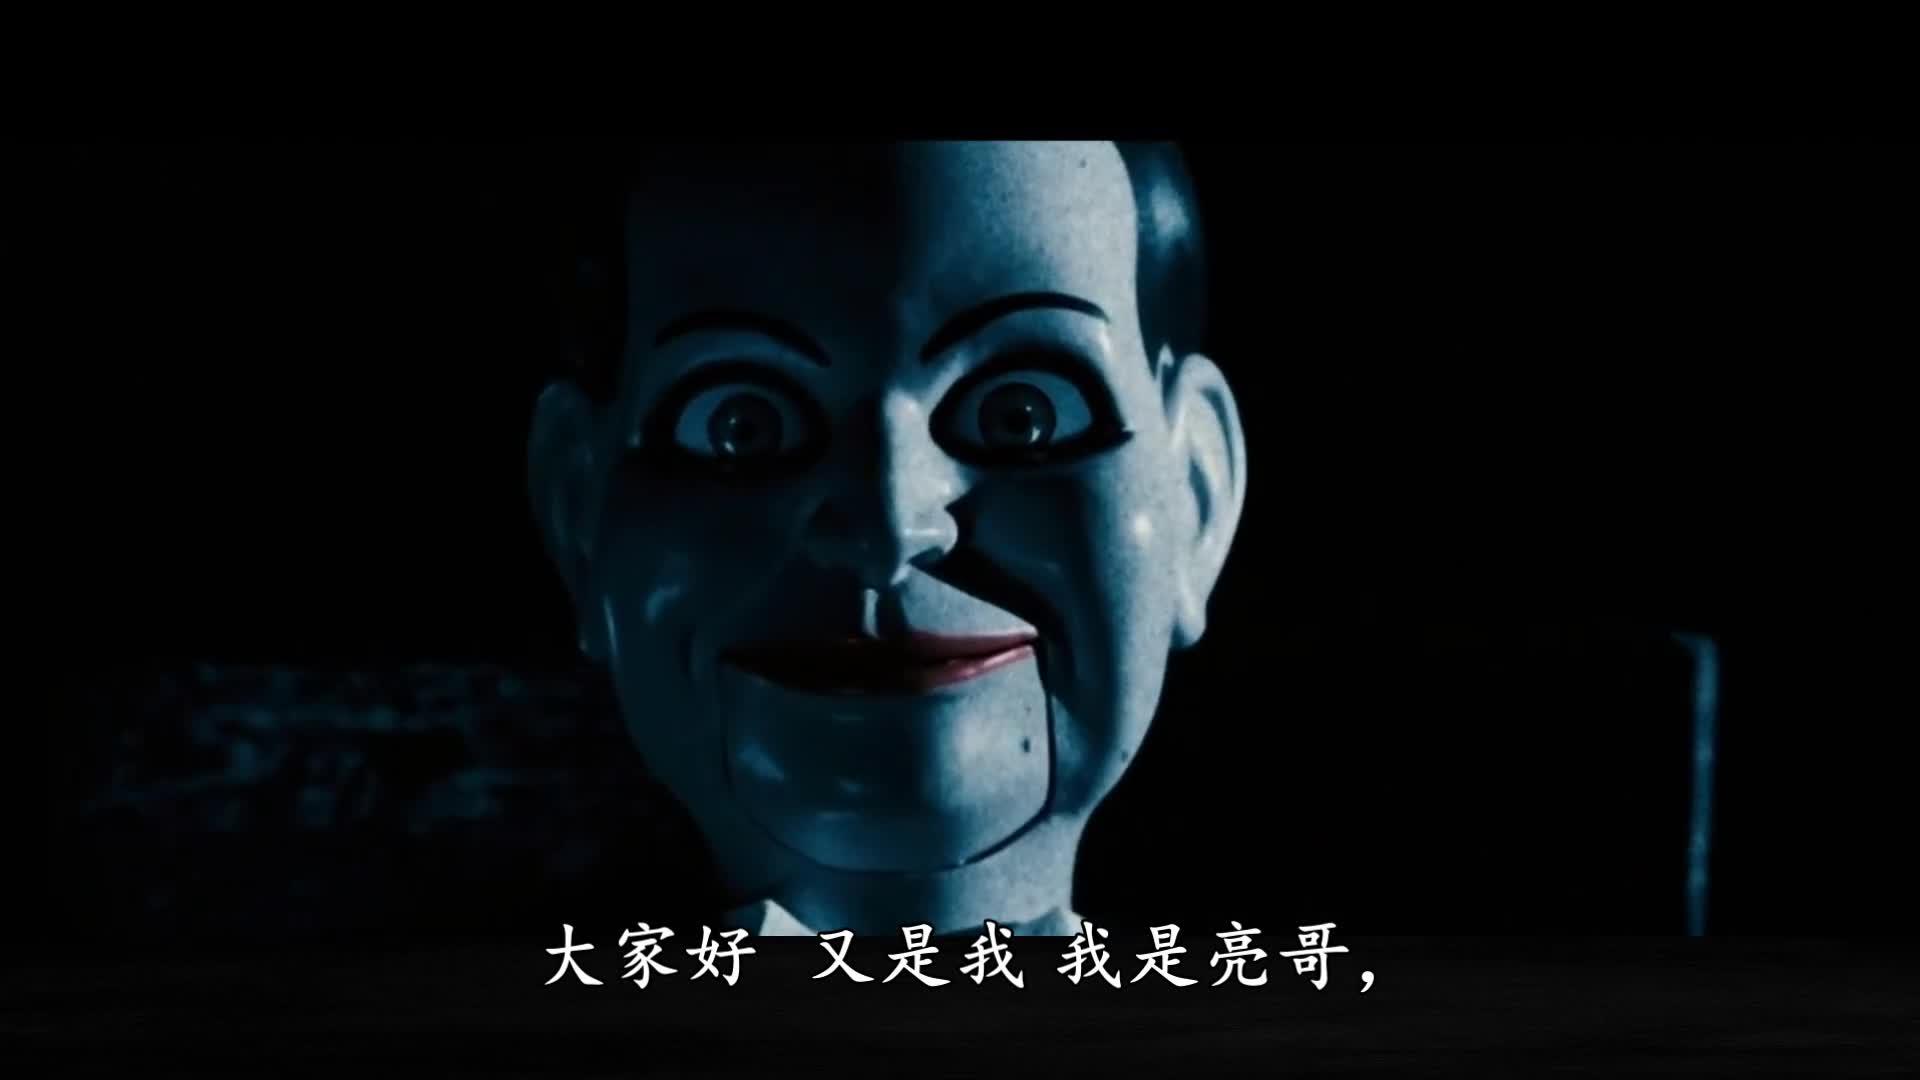 #惊悚看电影#几分钟看完恐怖惊悚电影《死寂》,一个可怕的故事